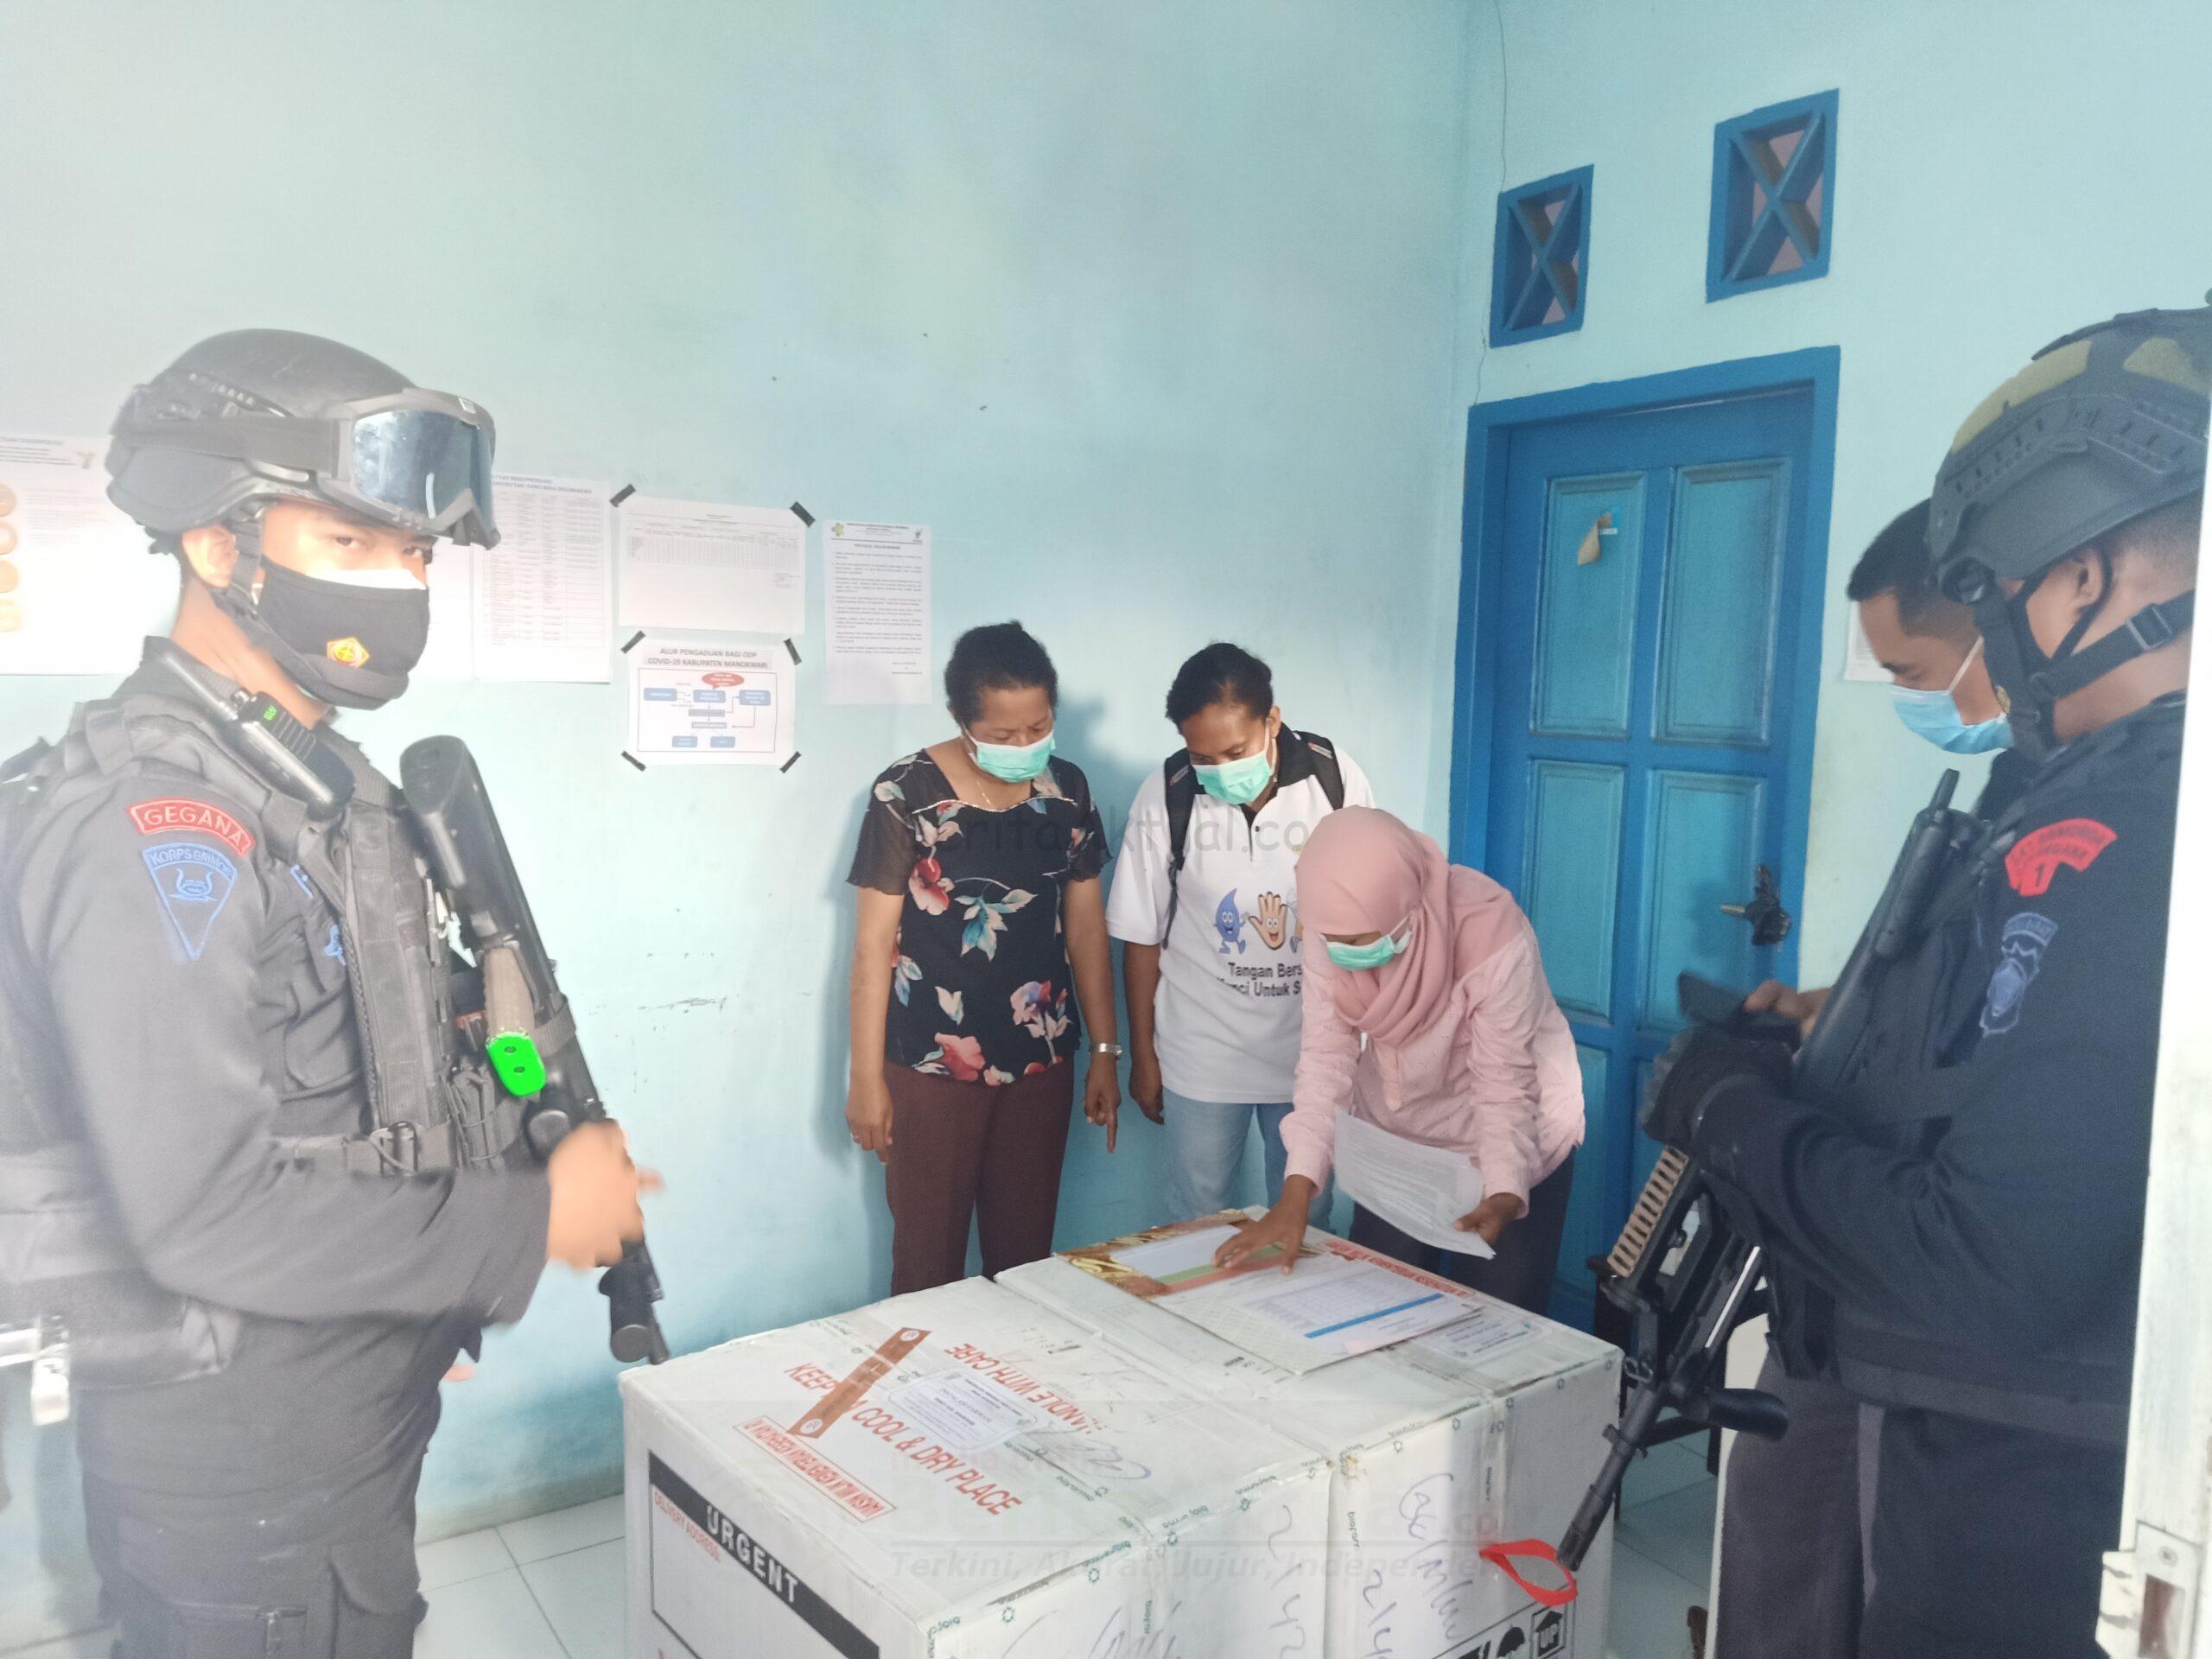 Dinas Kesehatan Papua Barat, Distribusikan 4.200 Vaksin Sinovac ke Kabupaten Manokwari 23 IMG20210117142157 scaled